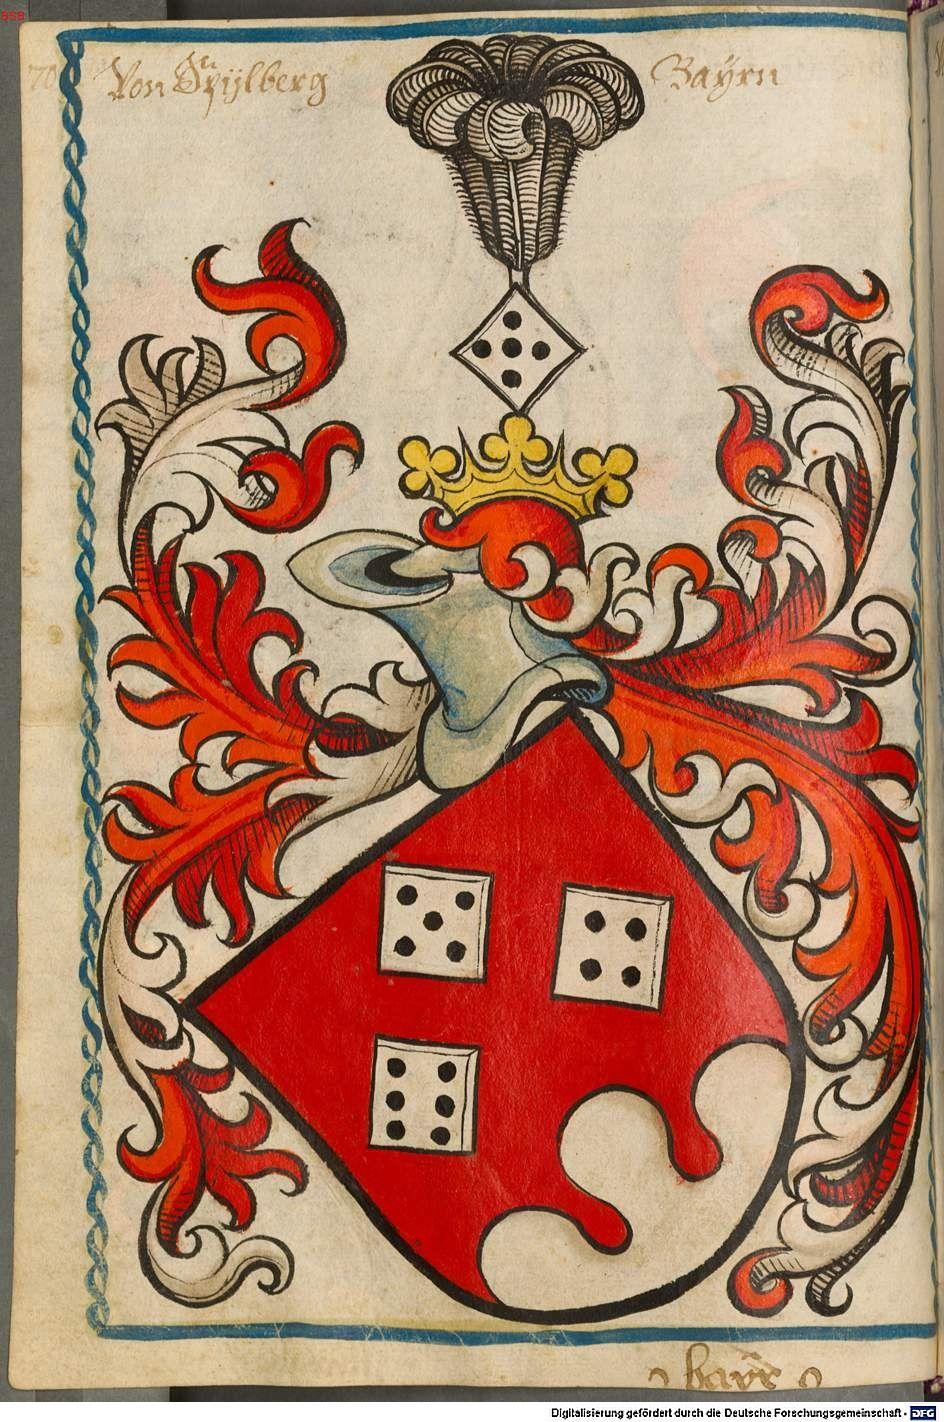 Scheibler'sches Wappenbuch Süddeutschland, um 1450 - 17. Jh. Cod.icon. 312 c  Folio 70